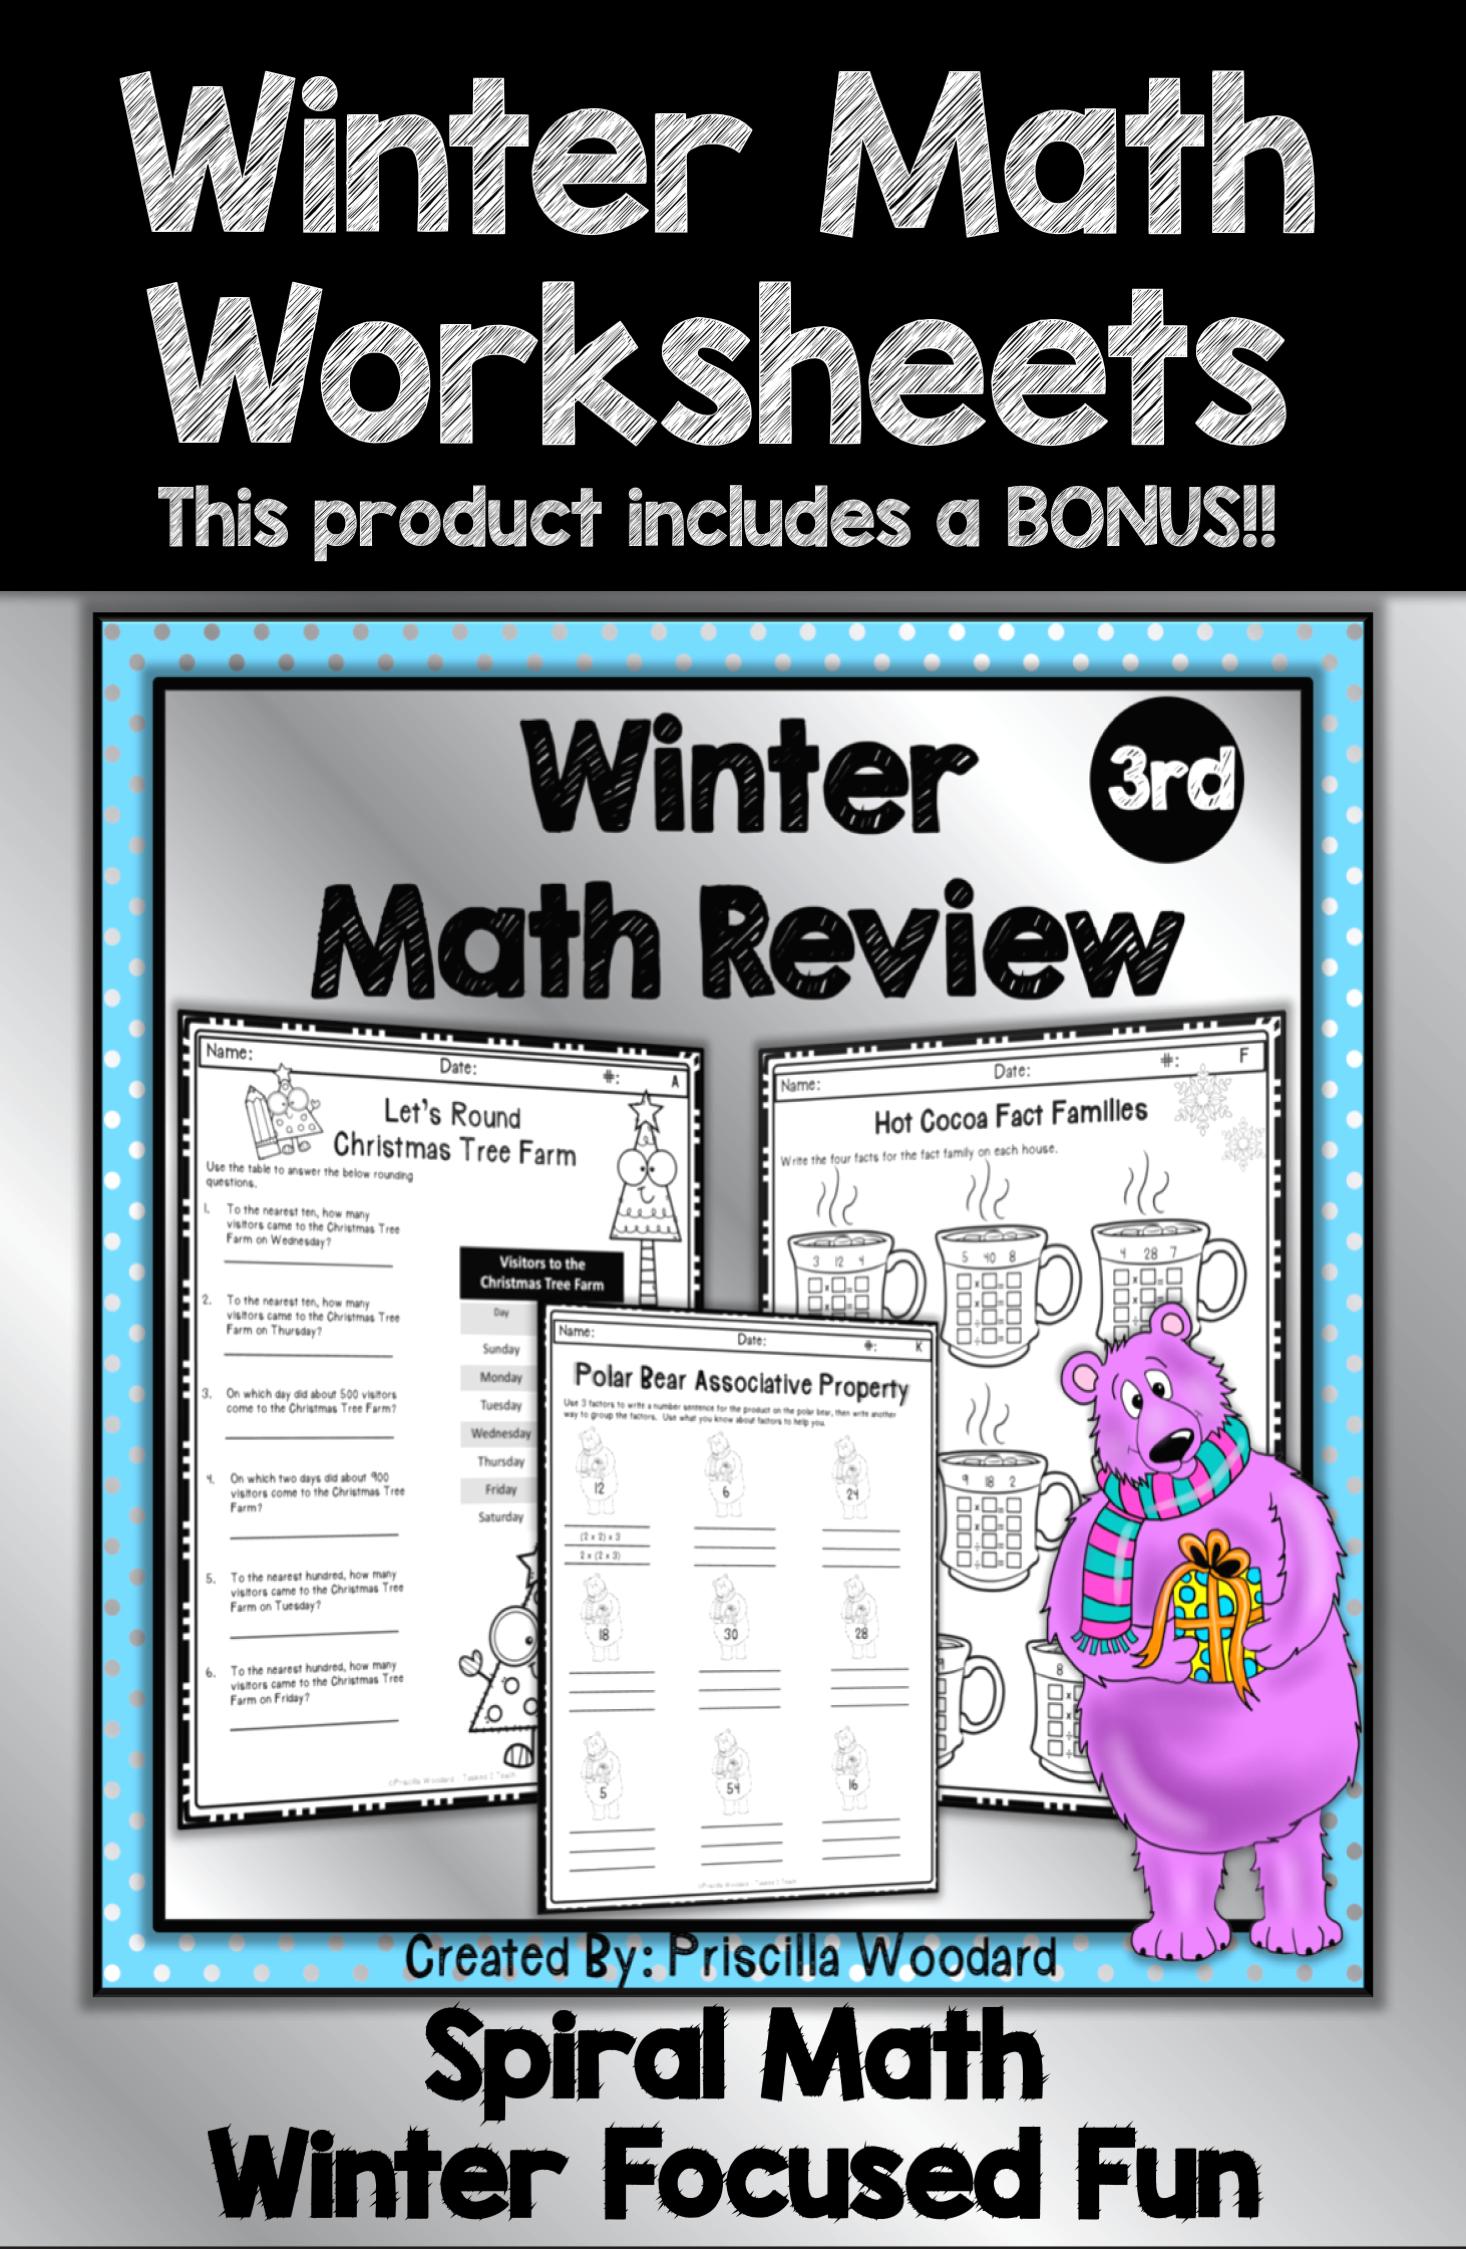 3rd Grade Winter Math Worksheets Spiral Review Winter Math Worksheets Winter Math Math Worksheets [ 2249 x 1466 Pixel ]